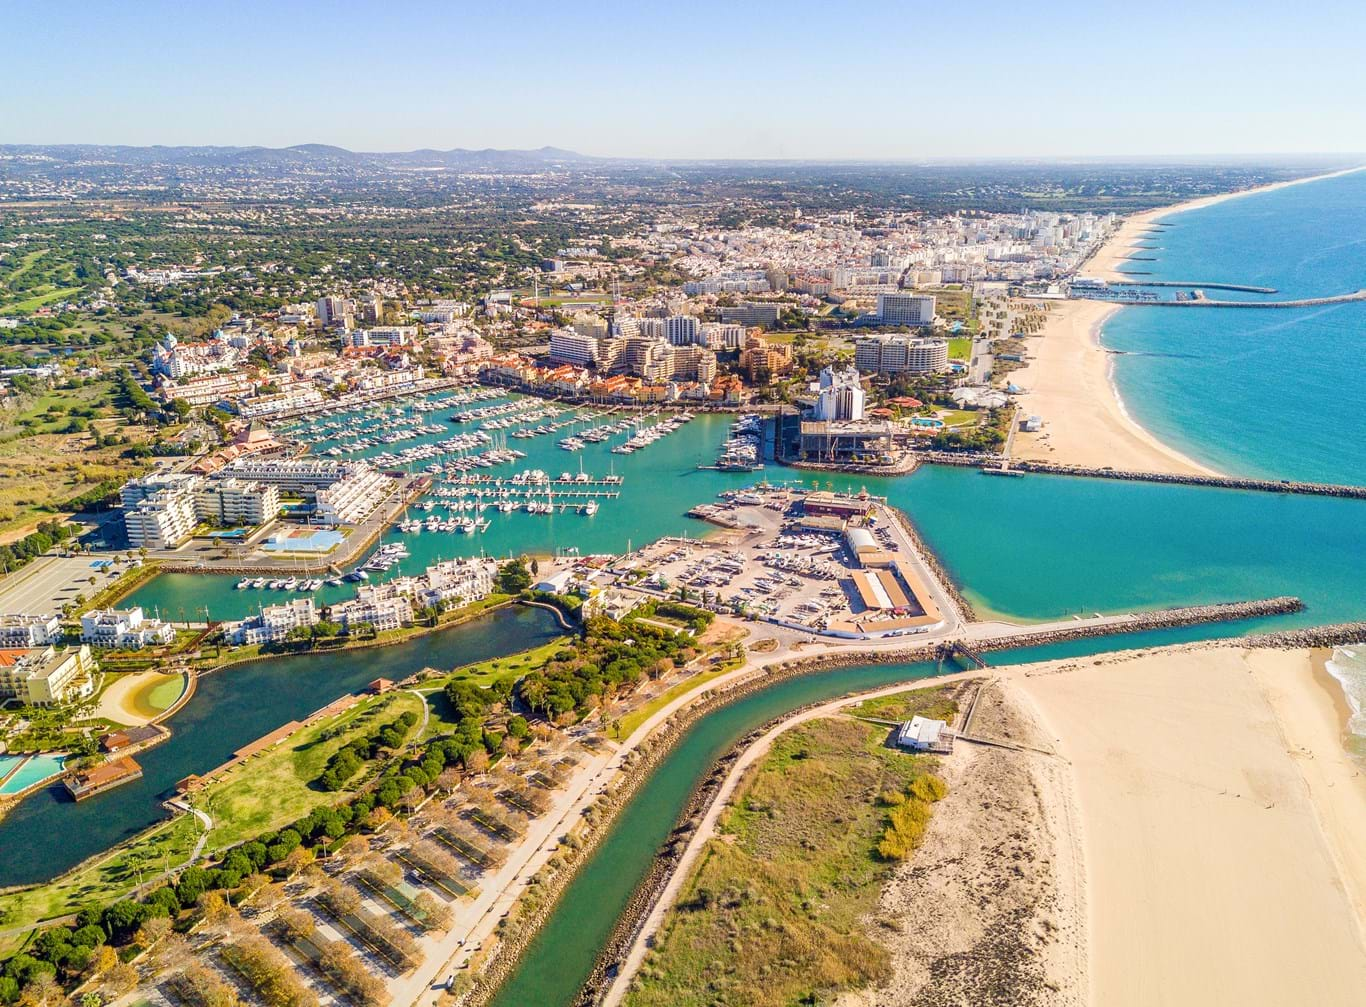 Vilamoura, el puerto deportivo icónico